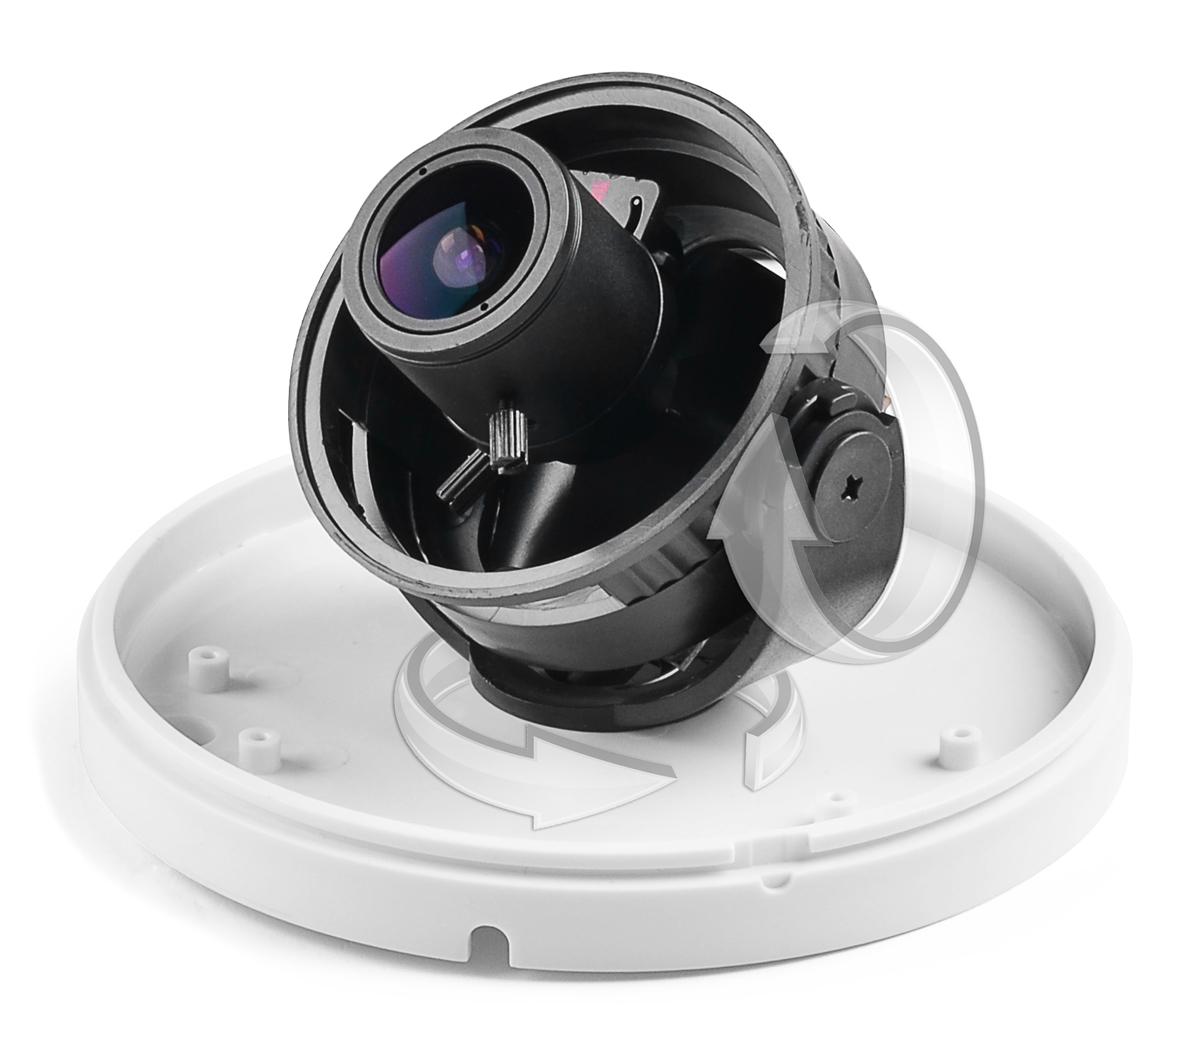 Położenie kamery BCS-DP472 może być regulowane we wszystkich płaszczyznach